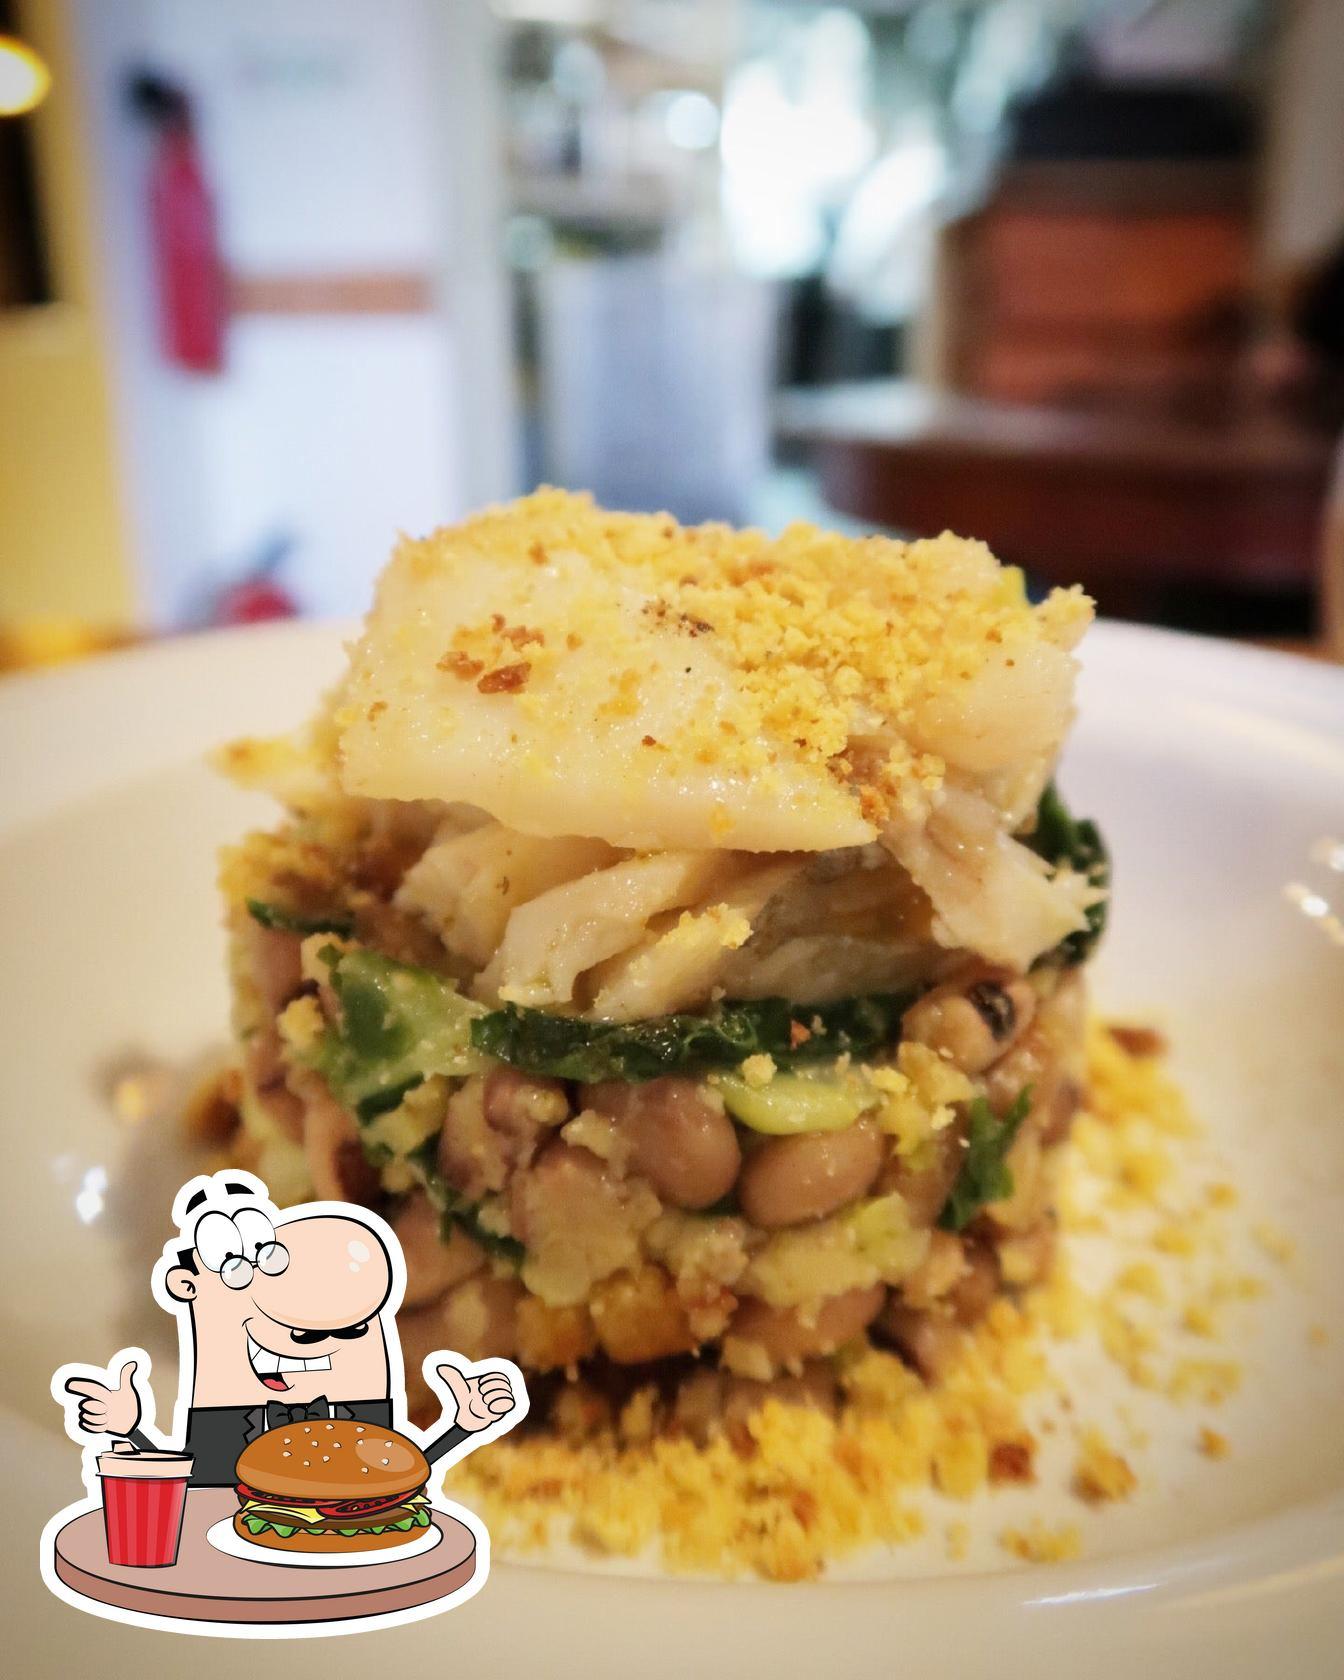 Experimente um dos hambúrgueres disponíveis no Taberna Sal Grosso